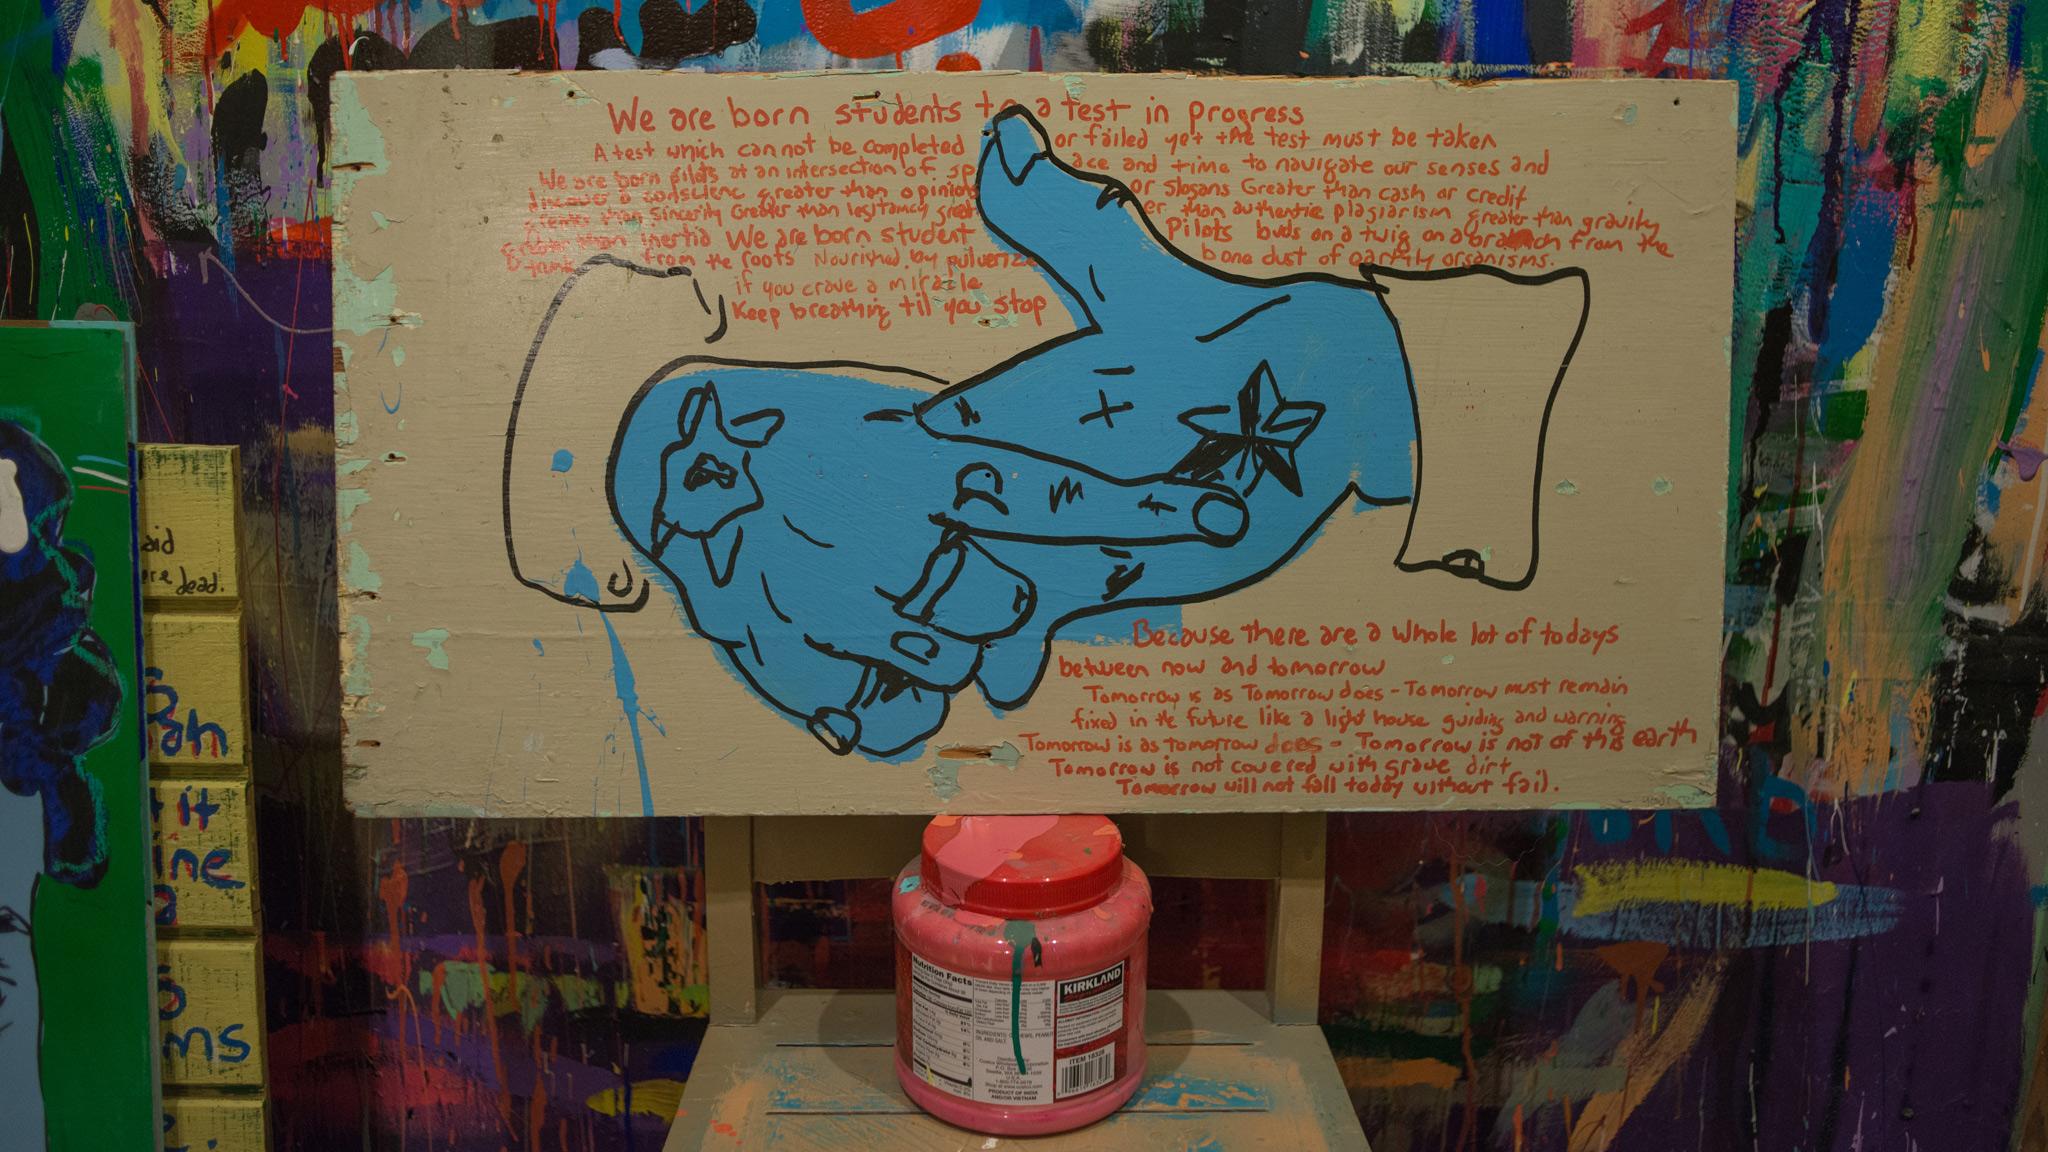 Higgs' hands